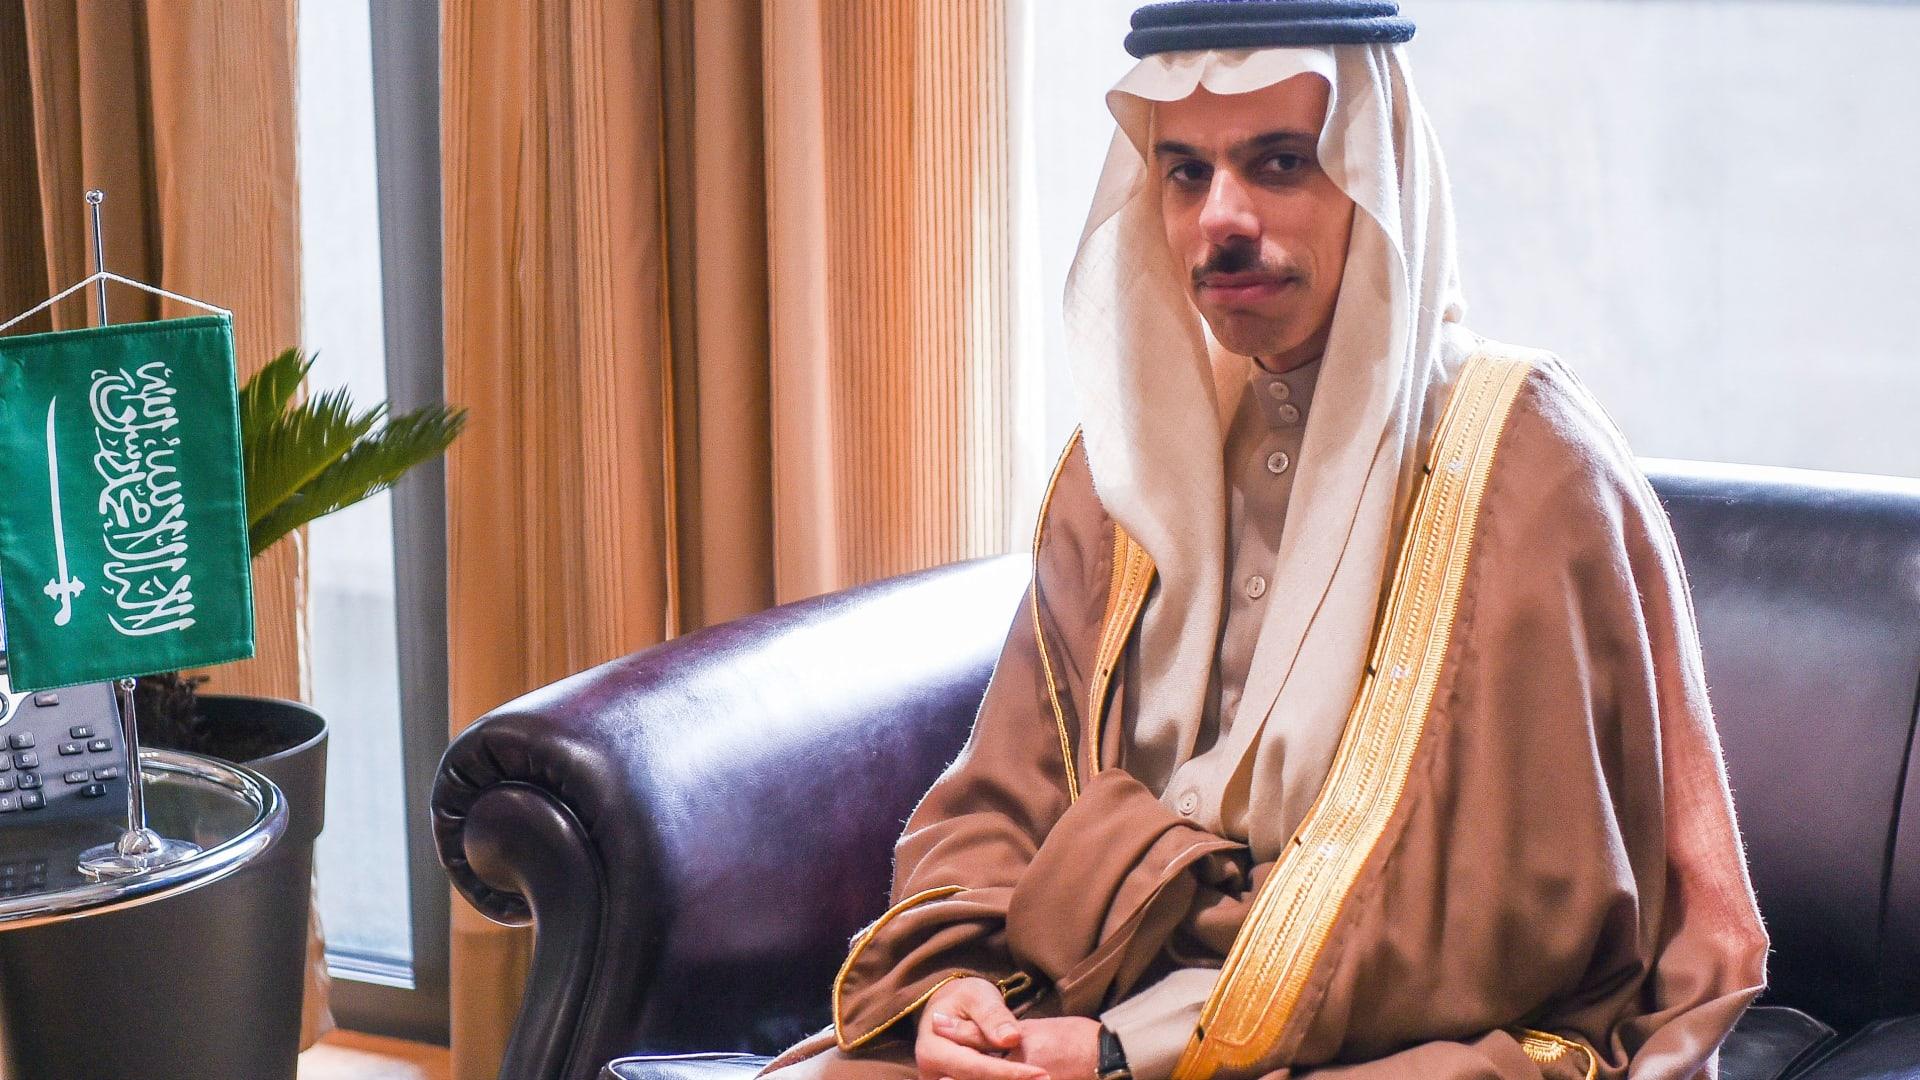 وزير الخارجية السعودي: واثق من عدم تكرار قضية خاشقجي.. والاتفاقيات الإبراهيمية عززت التقارب